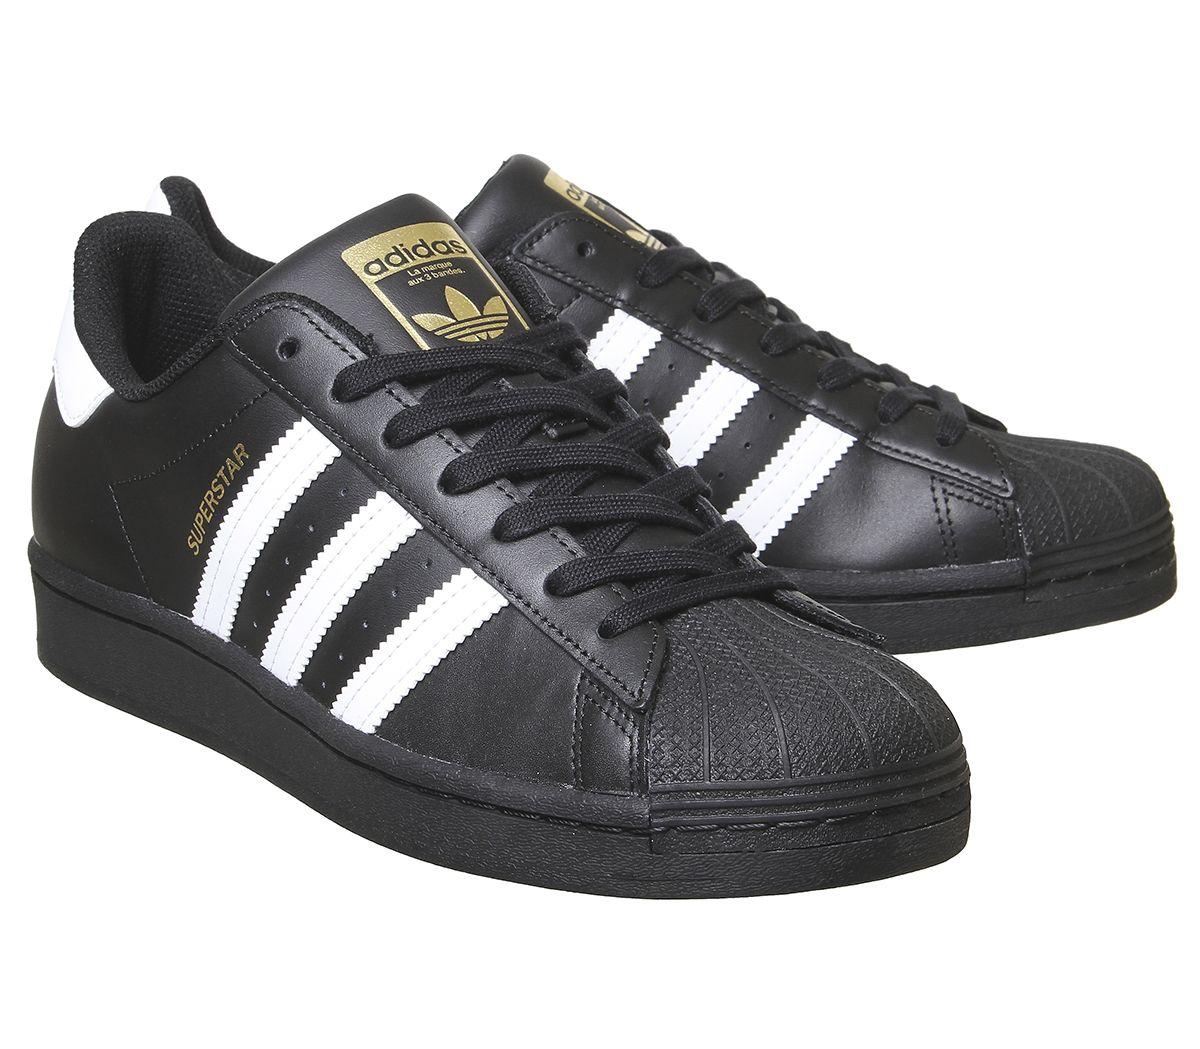 Adidas-Superstar-Baskets-Noir-Blanc-Baskets-Chaussures miniature 5